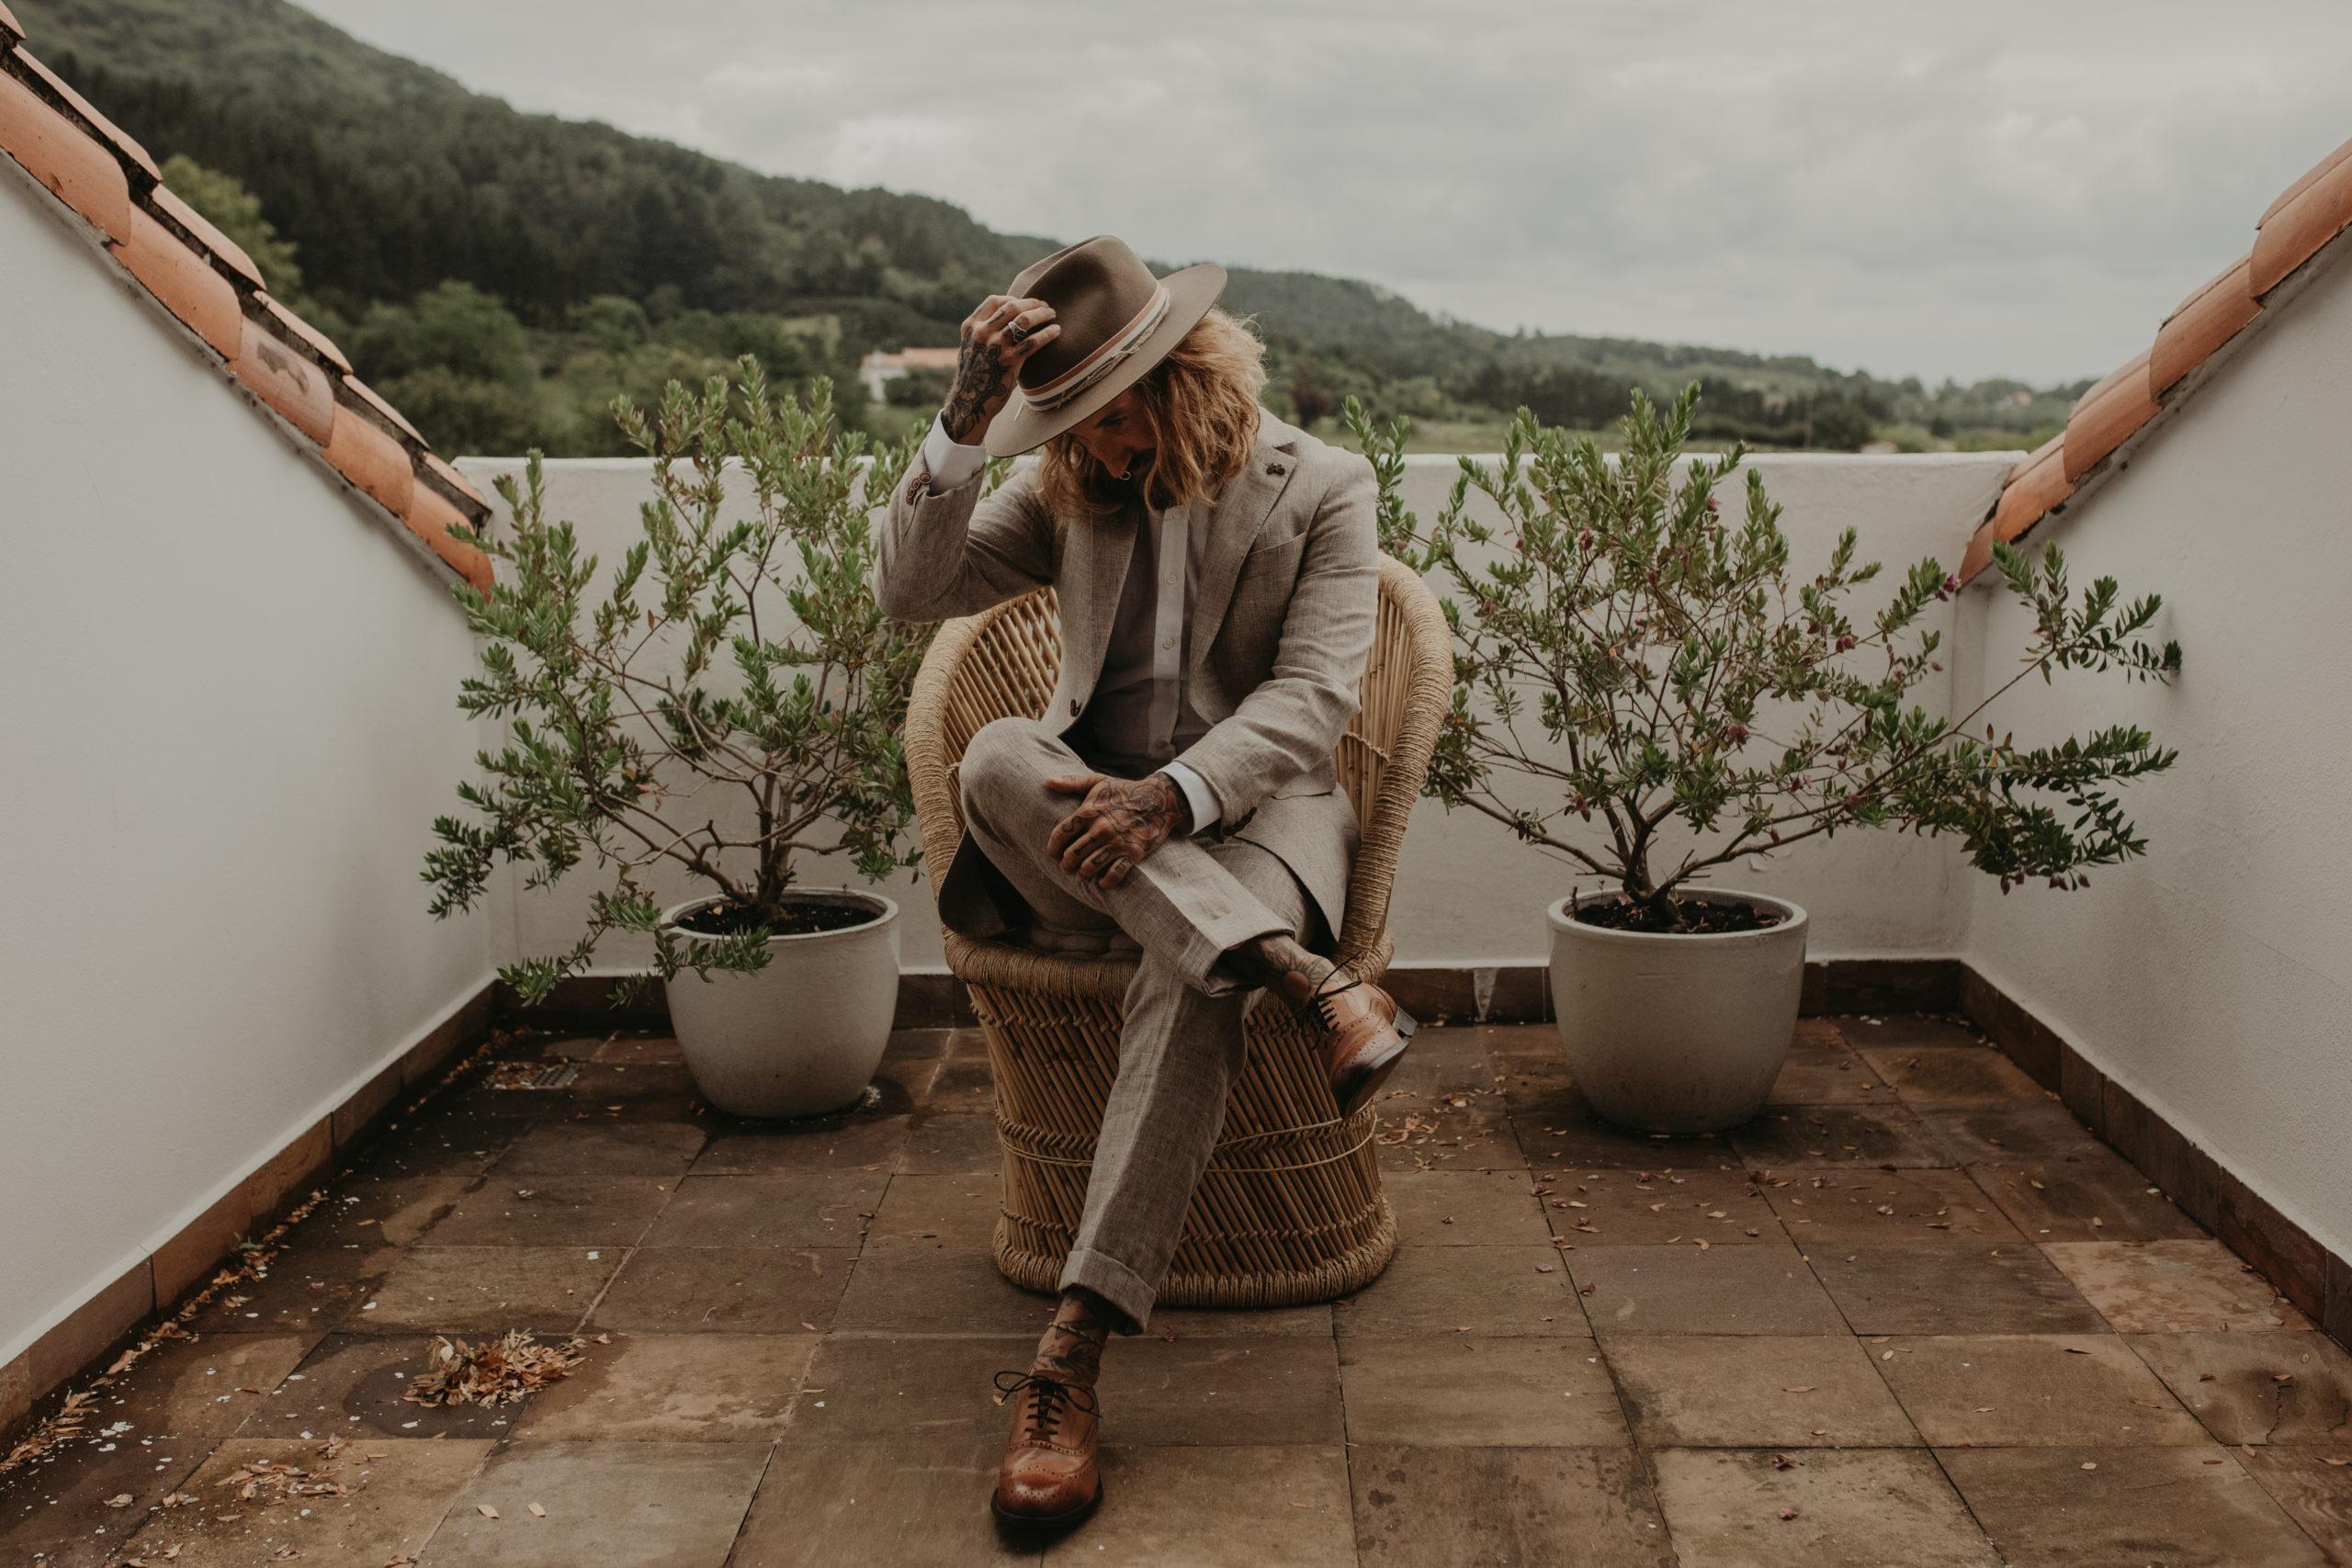 Novio posando con su traje y sombrero el día de su boda